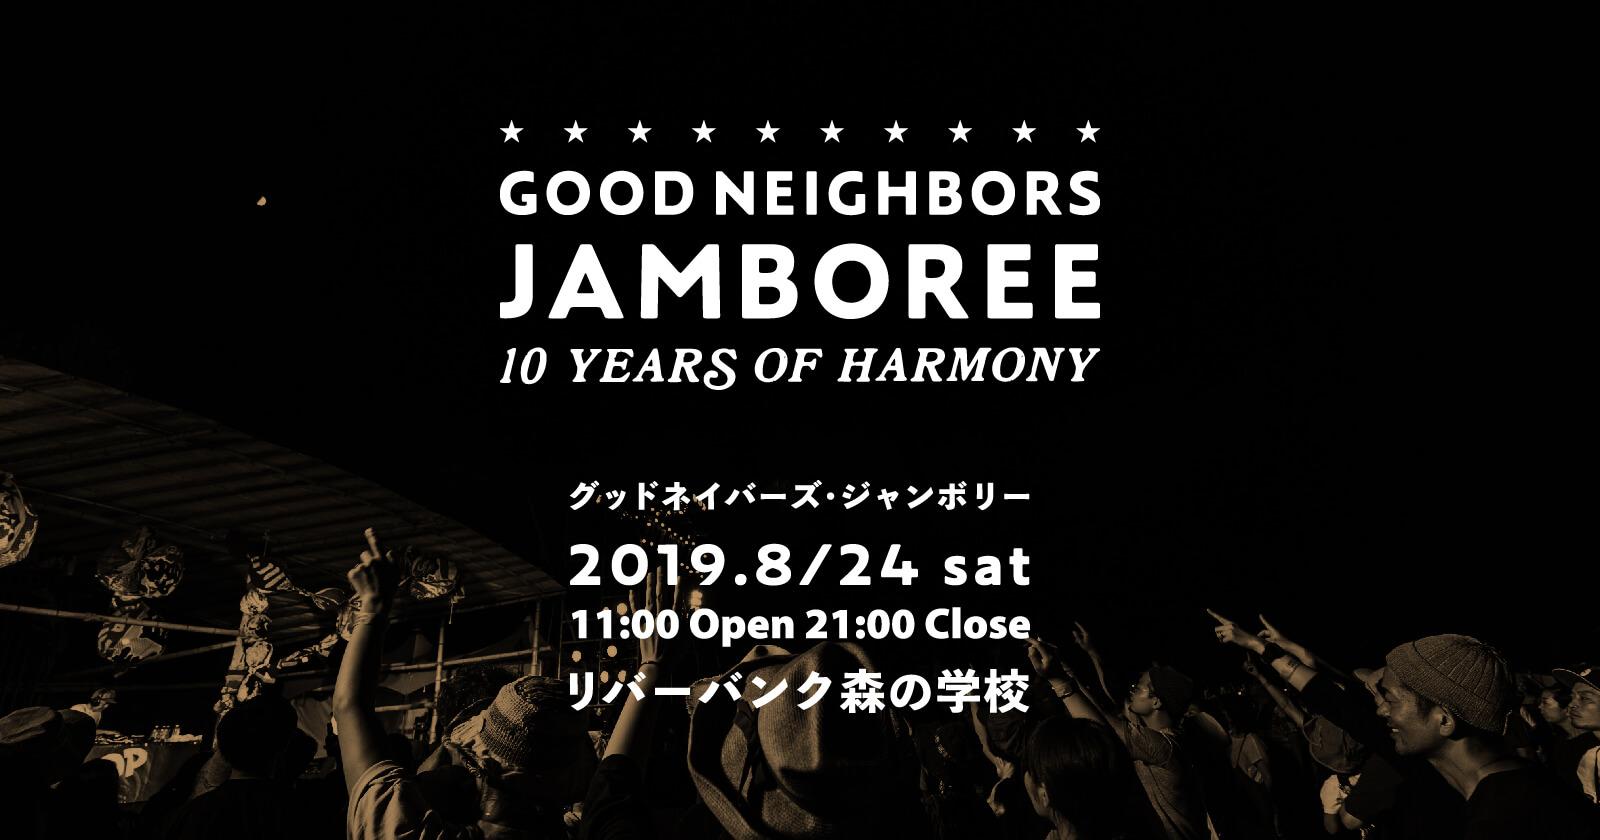 GOOD NEIGHBORS JAMBOREE 2019 | リバーバンク 森の学校